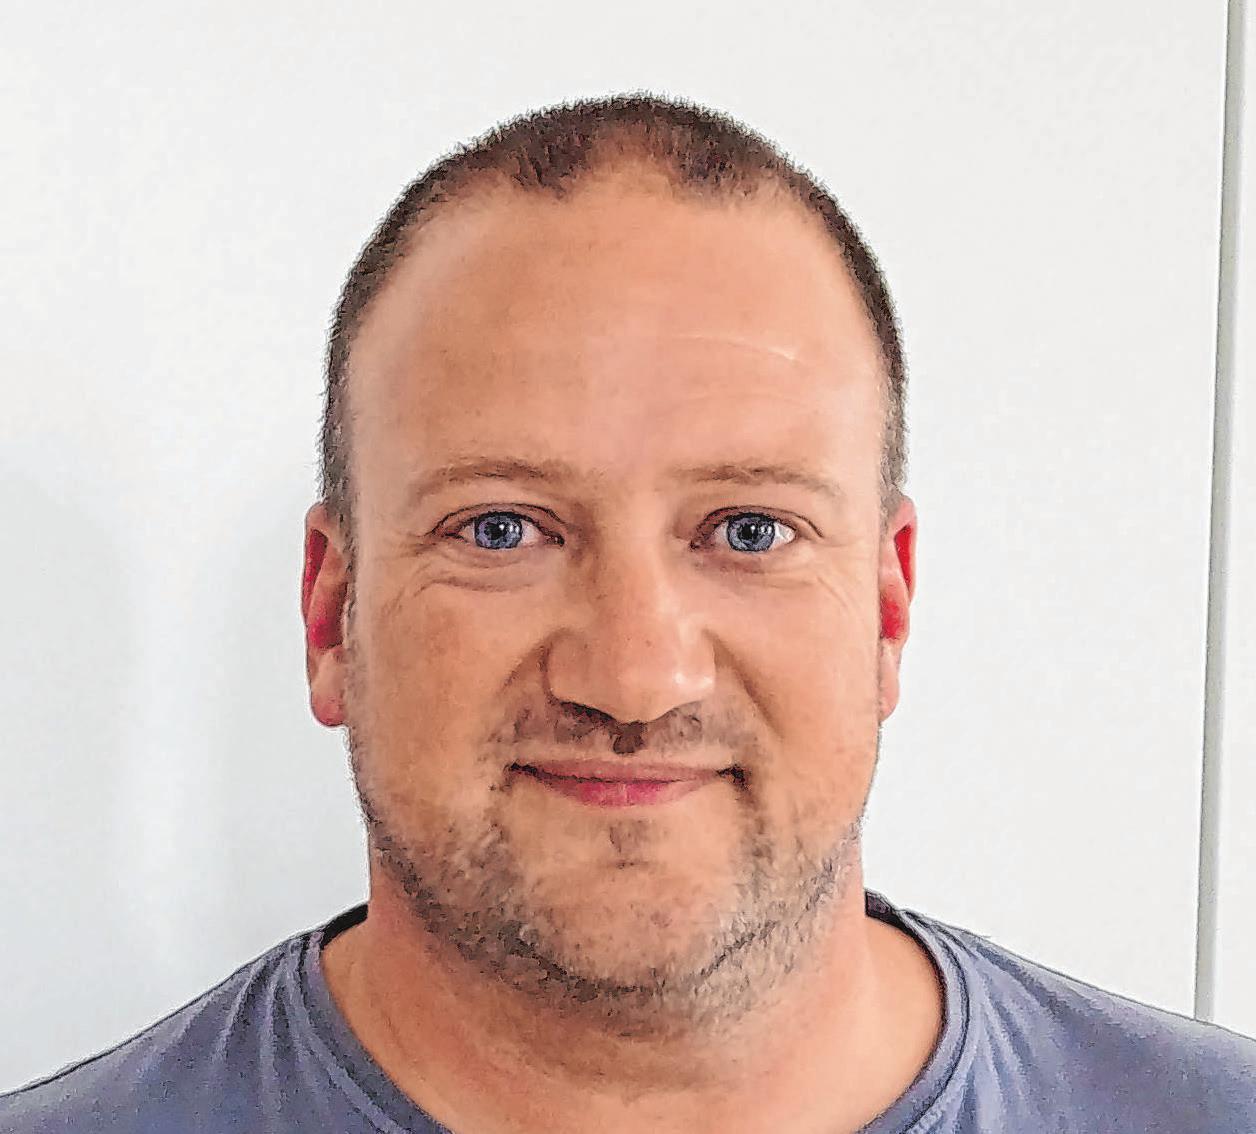 Stephan Zimniok ist Bürgermeister der Gemeinde Birkenwerder. Foto: Jung